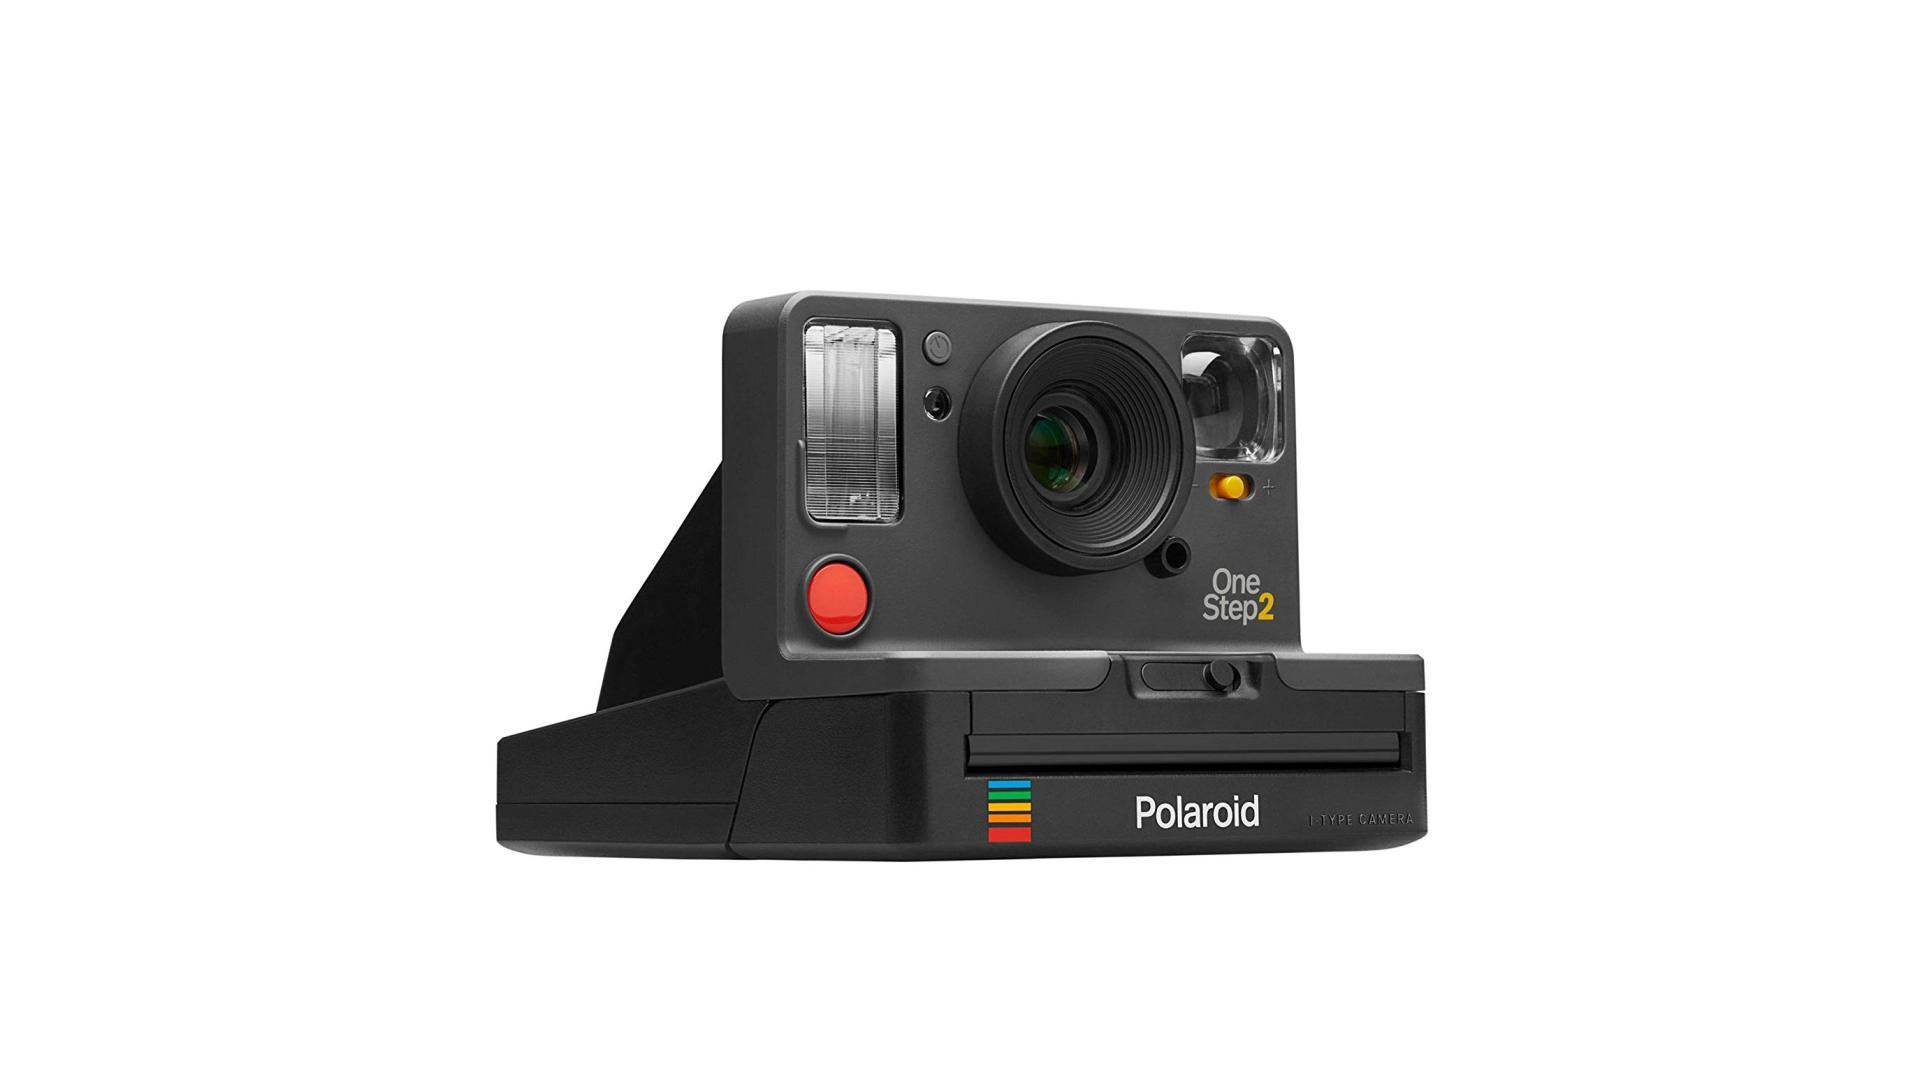 Instantanés Meilleurs Polaroid Sont Photo Et Quels Appareils Les 5uT1J3lFKc